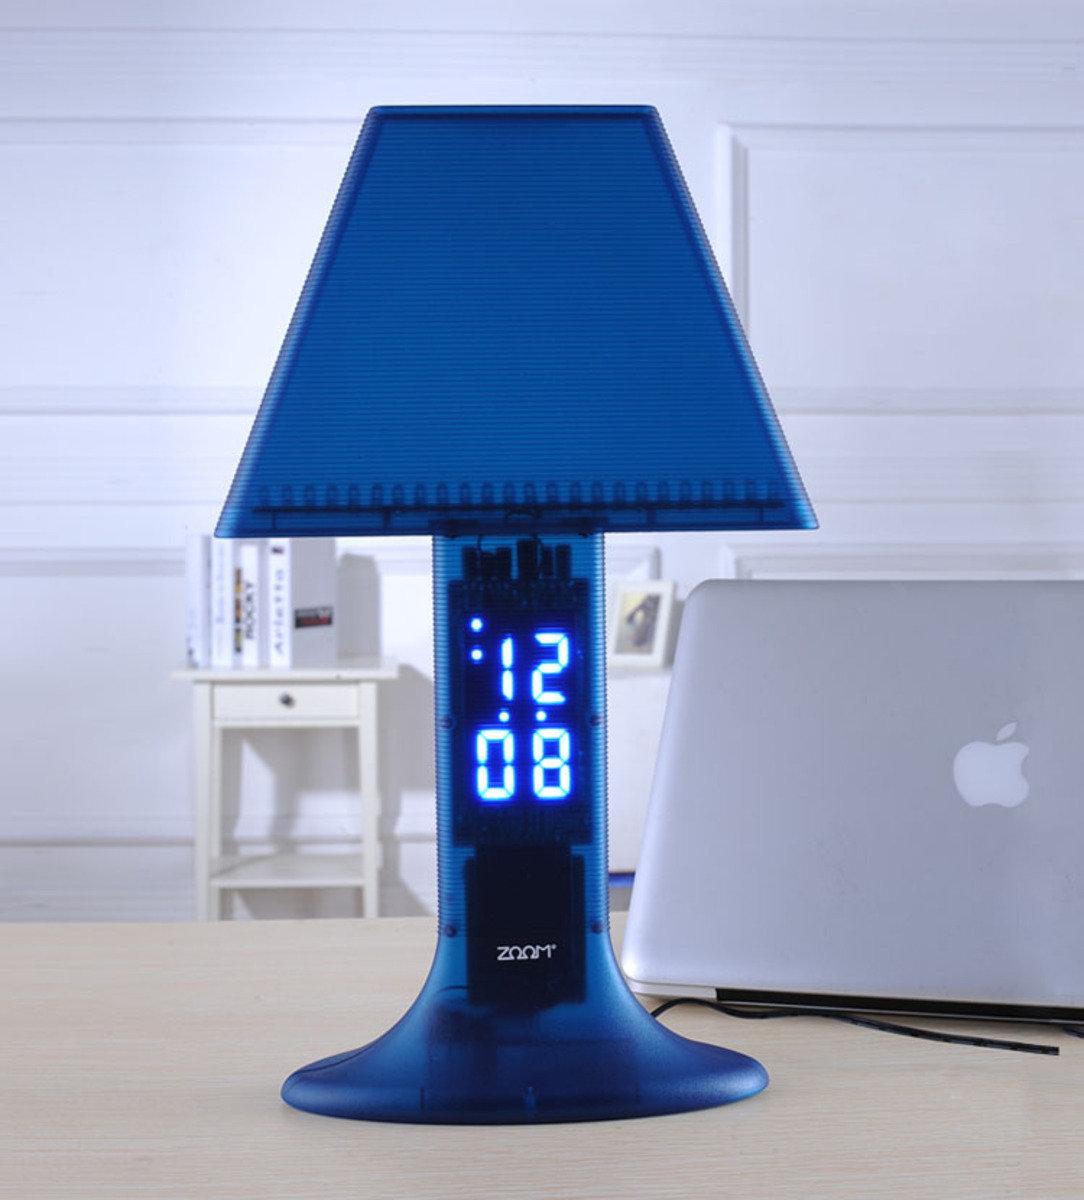 LED 超薄夜燈+ 鬧鐘 時尚 創意 生活 品味 禮品 電子 學生 兒童 靜音 家居 床頭燈 夜光 貪睡 時鐘